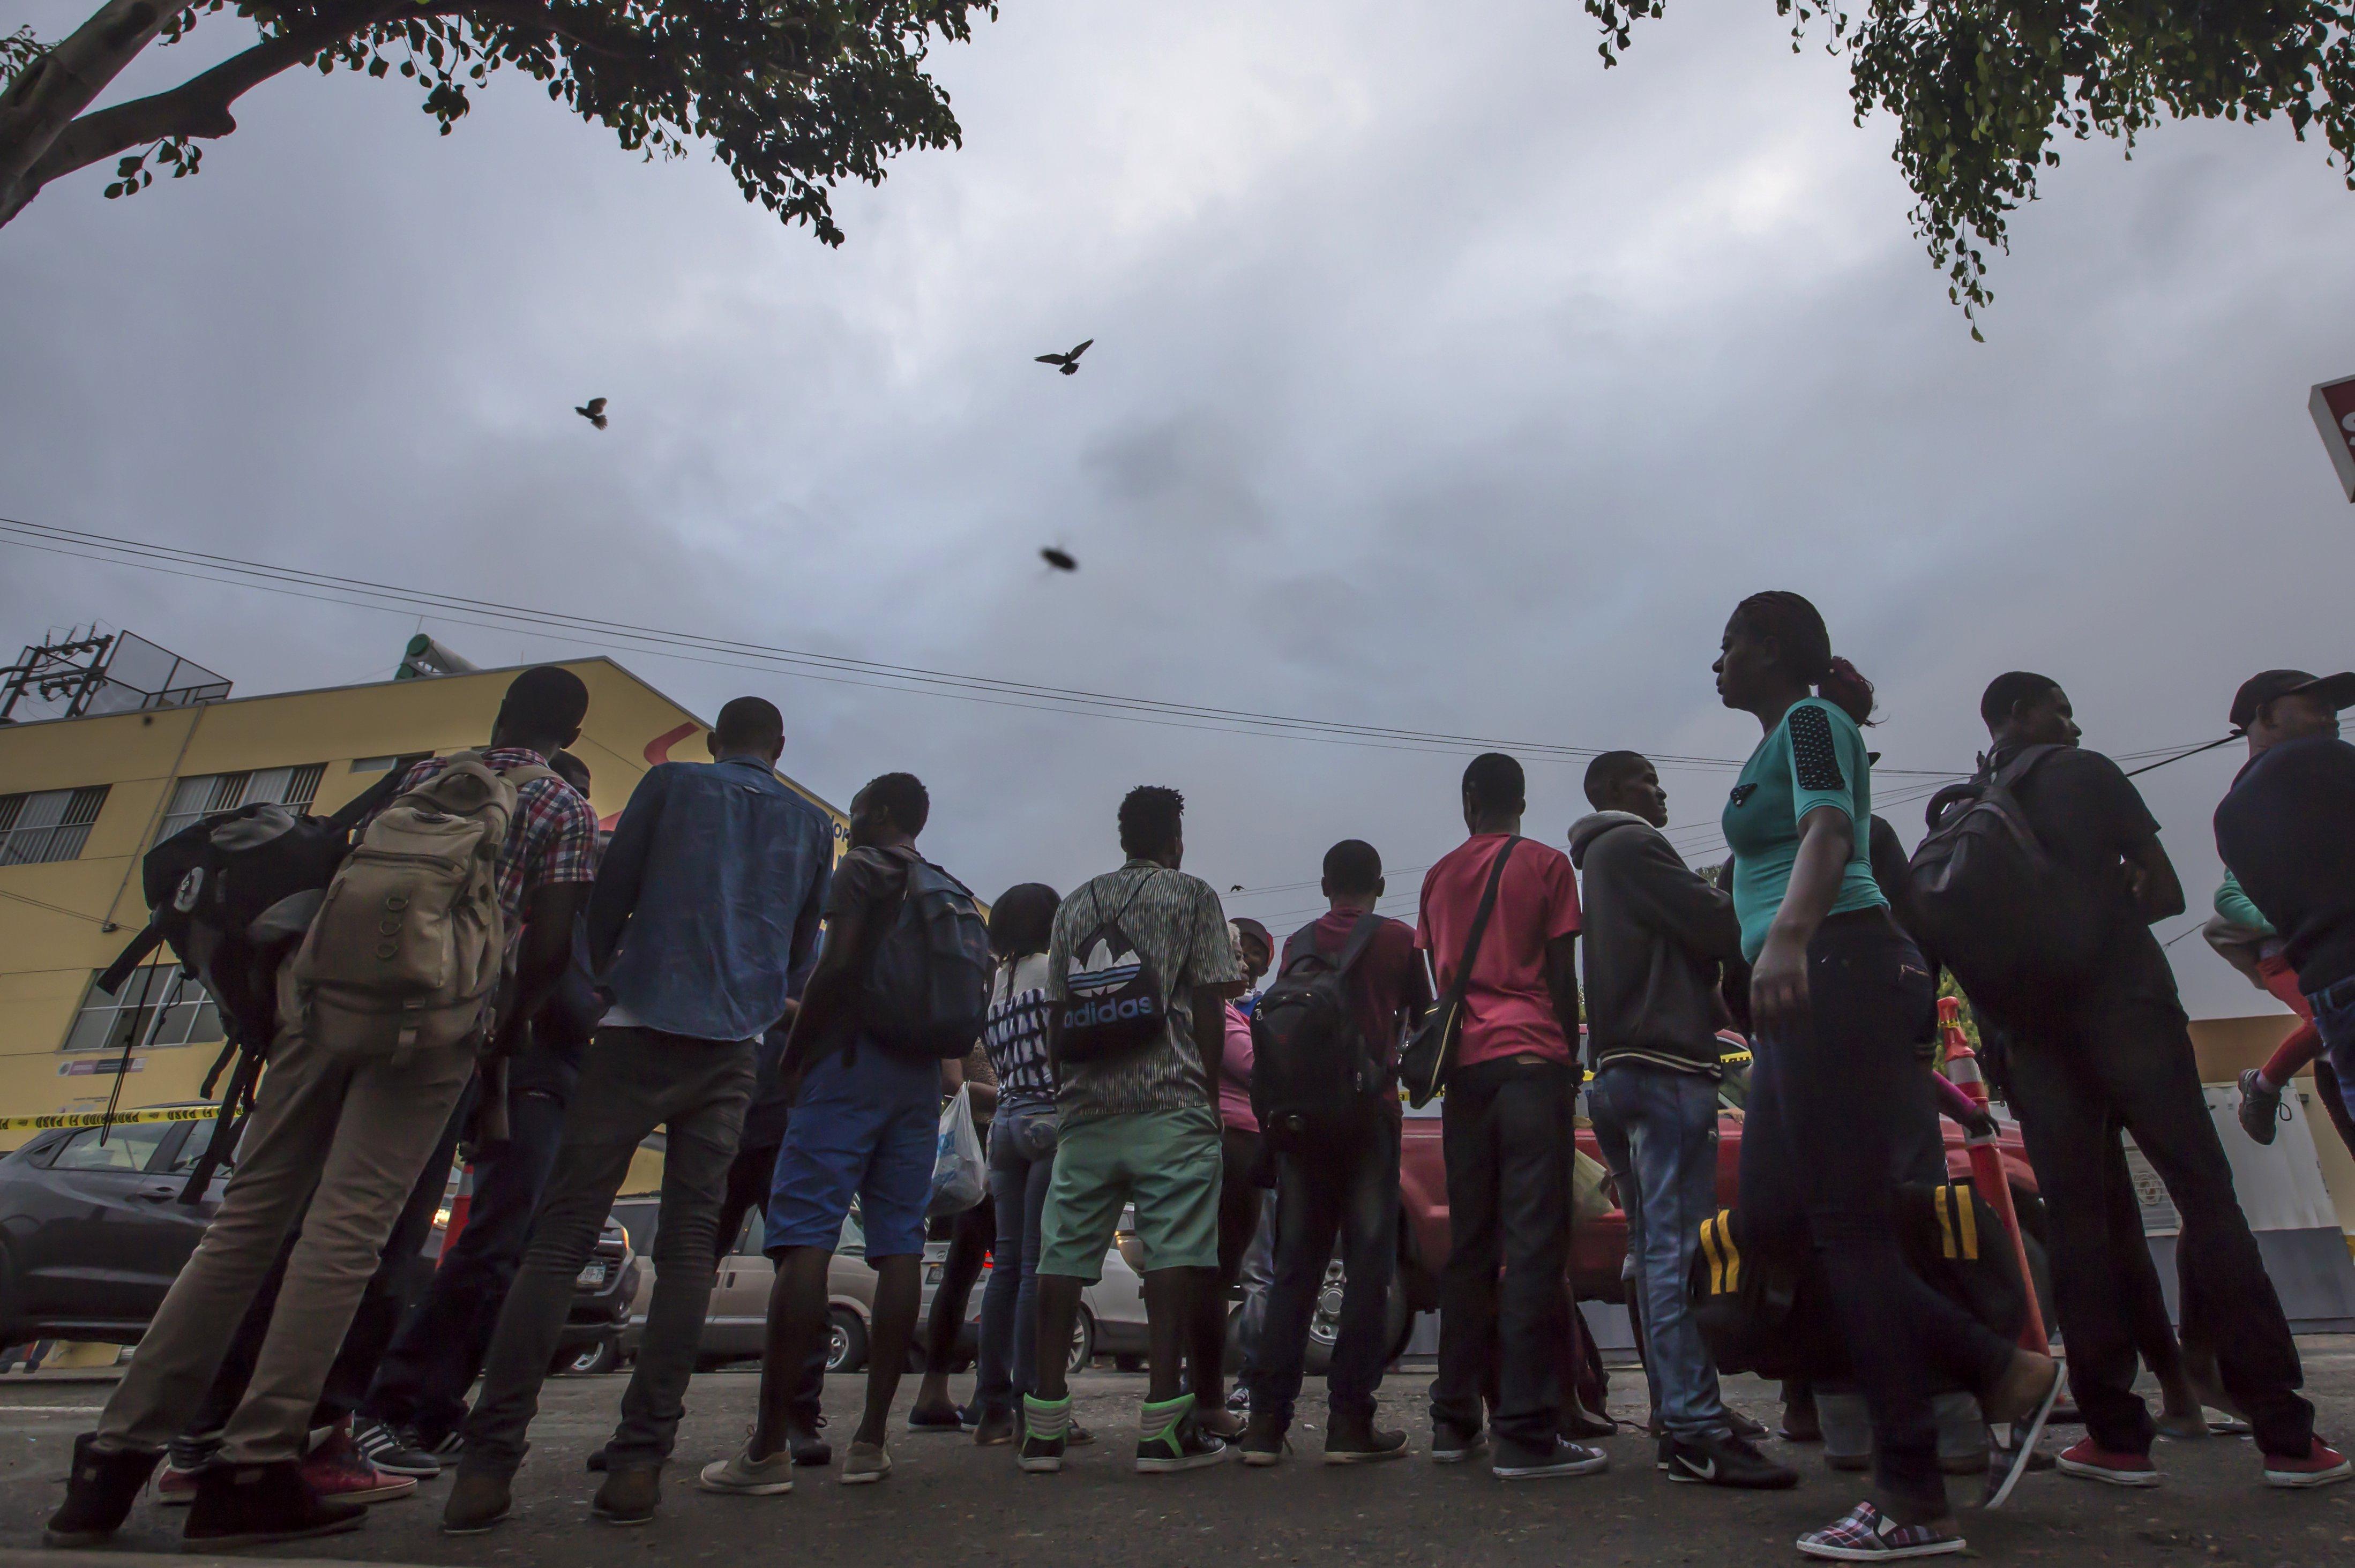 Segob otorgó la CURP a 142,500 refugiados extranjeros que solicitaron asilo y protección